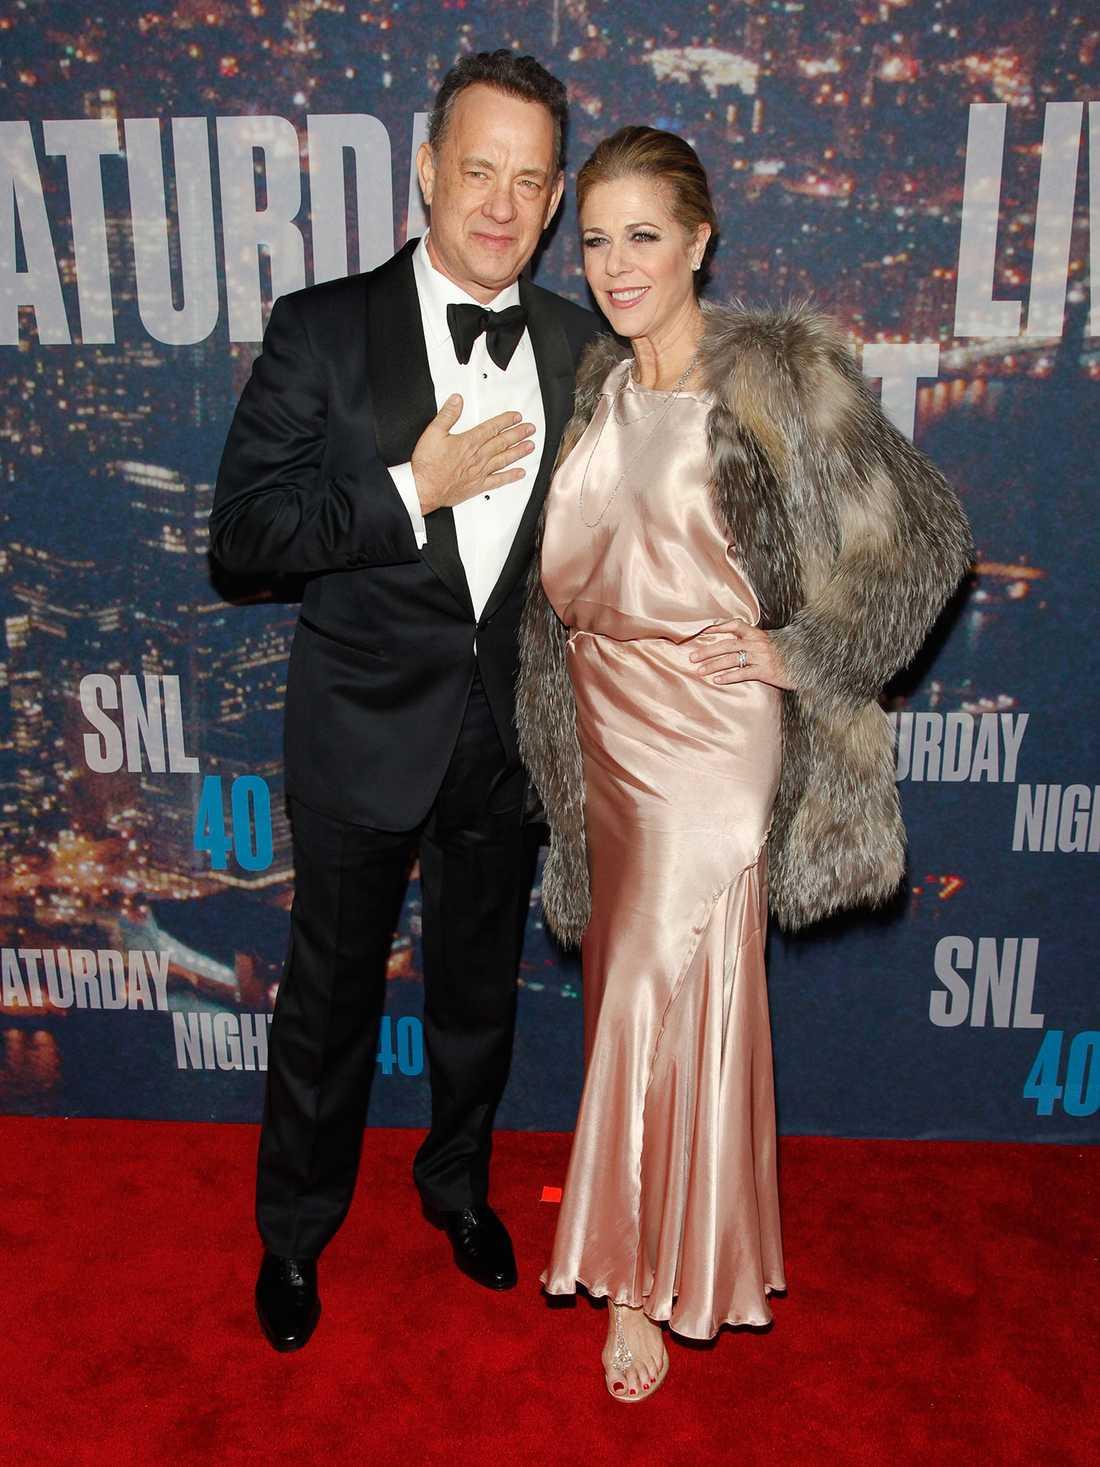 Tom Hanks och Rita Wilson på SNL:s jubileum tidigare i år.